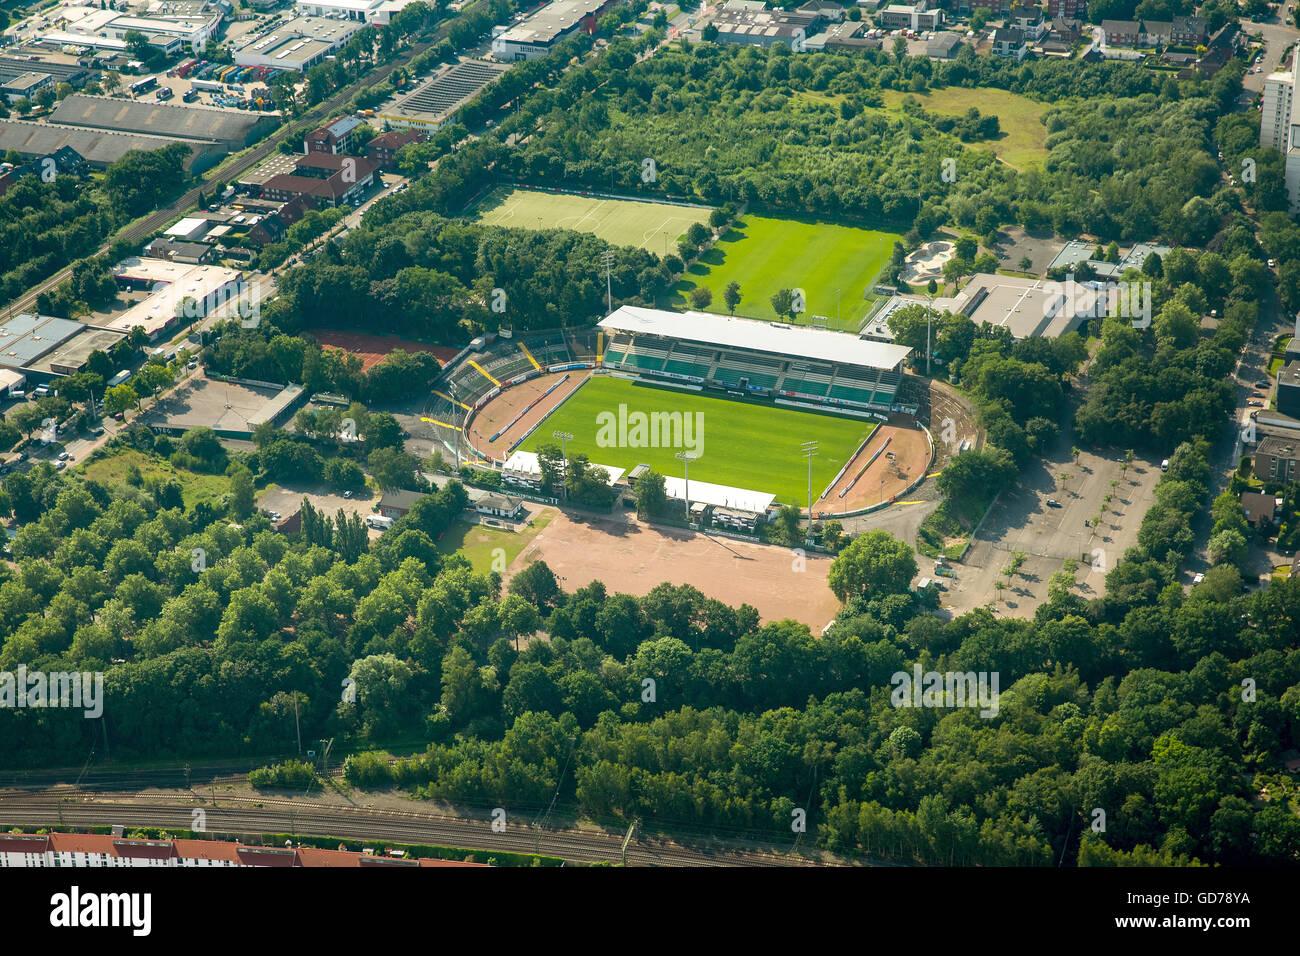 Aerial view, Prussia stadium Münster, SC Preussen Münster 06 e.V., Hammer Straße, Münster, Münsterland - Stock Image